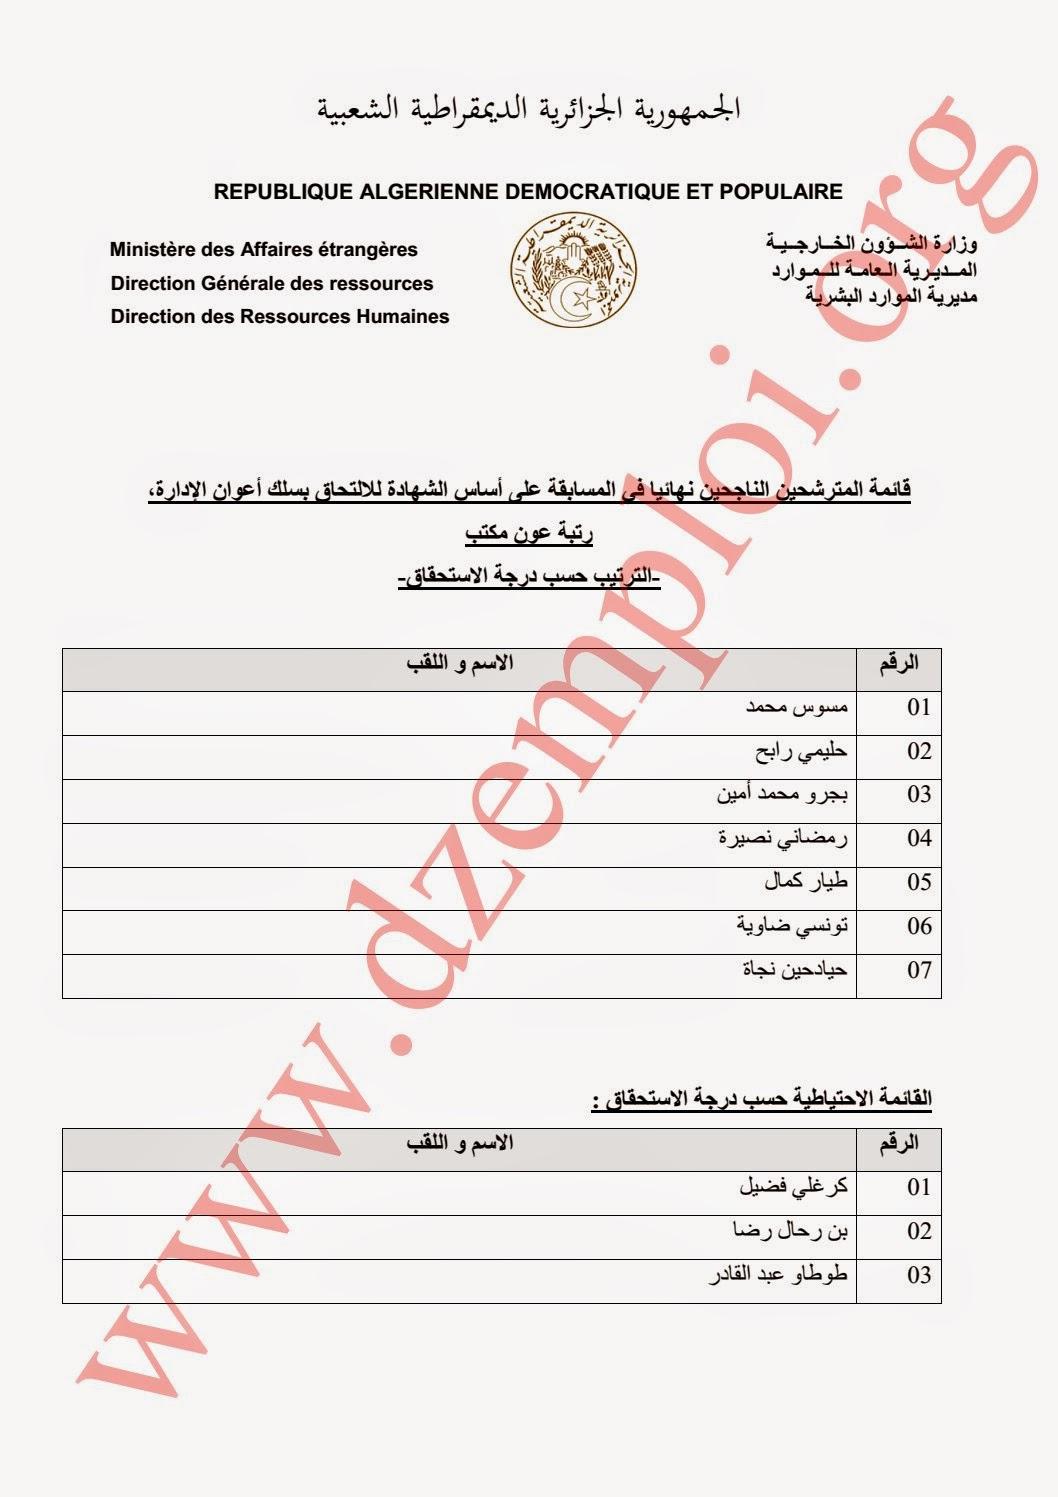 قائمة المترشحين الناجحين نهائيا في مسابقة وزارة الخارجية الخاصة برتب الأسلاك المشتركة 2014 1.jpg